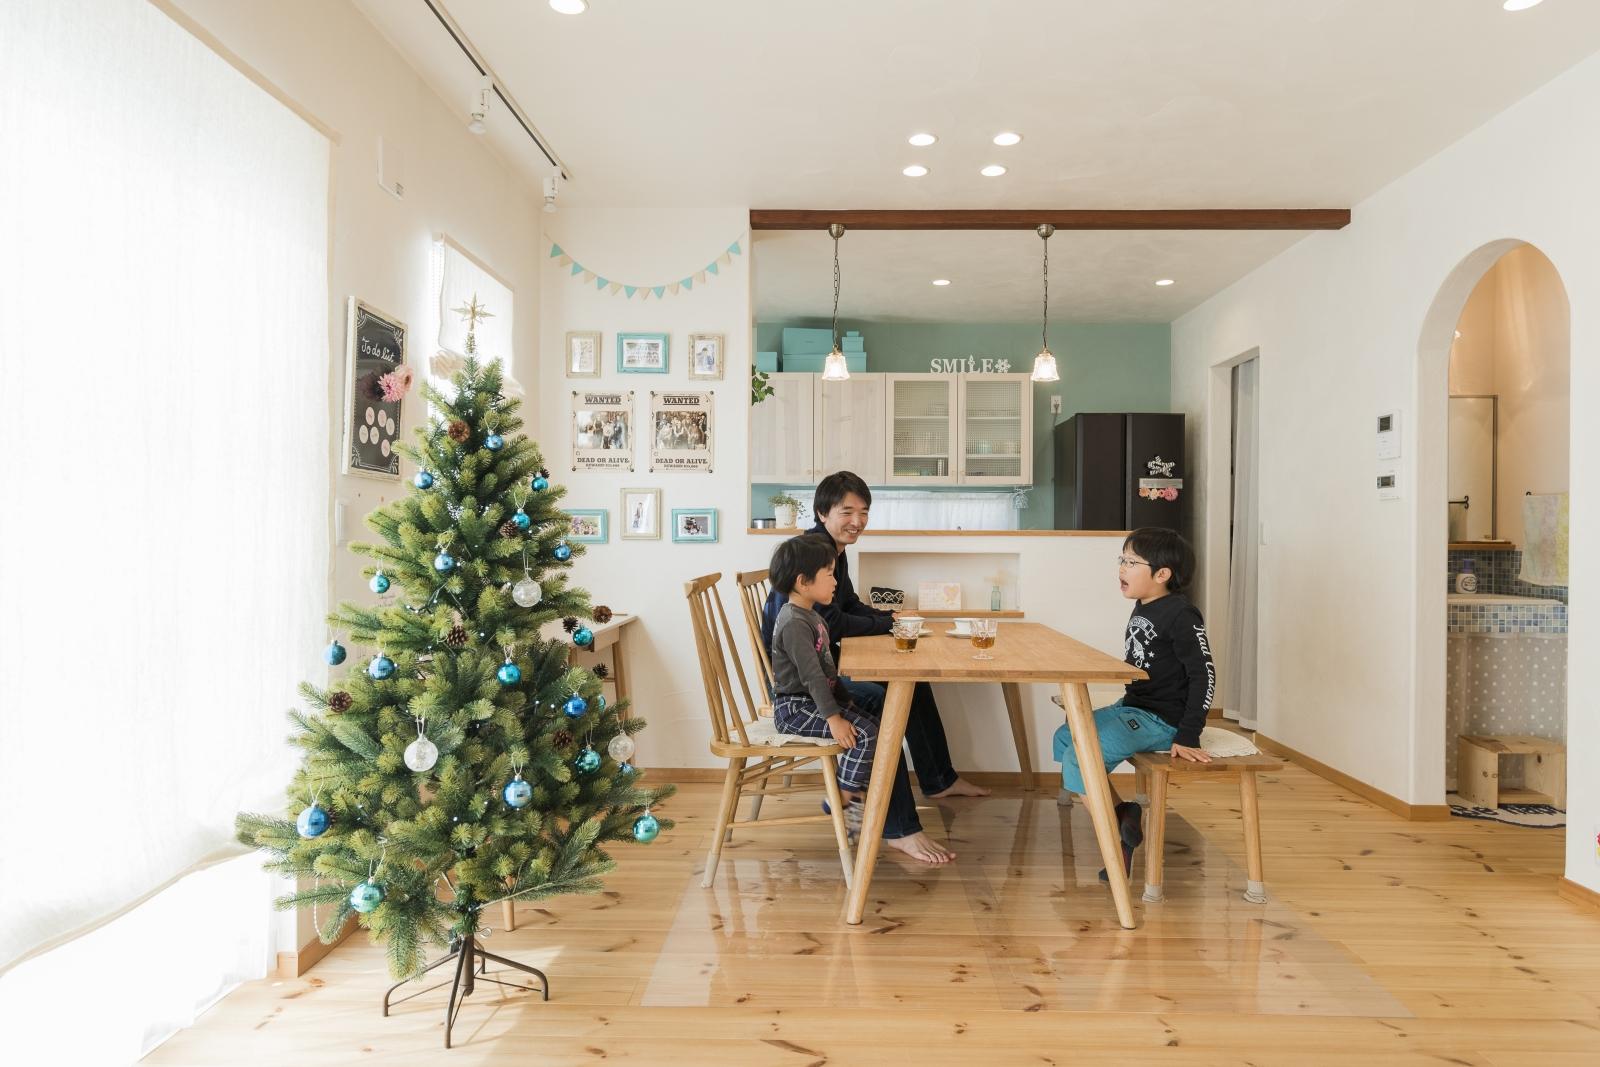 木の家がいい!耐震も断熱も納得できた無垢の家